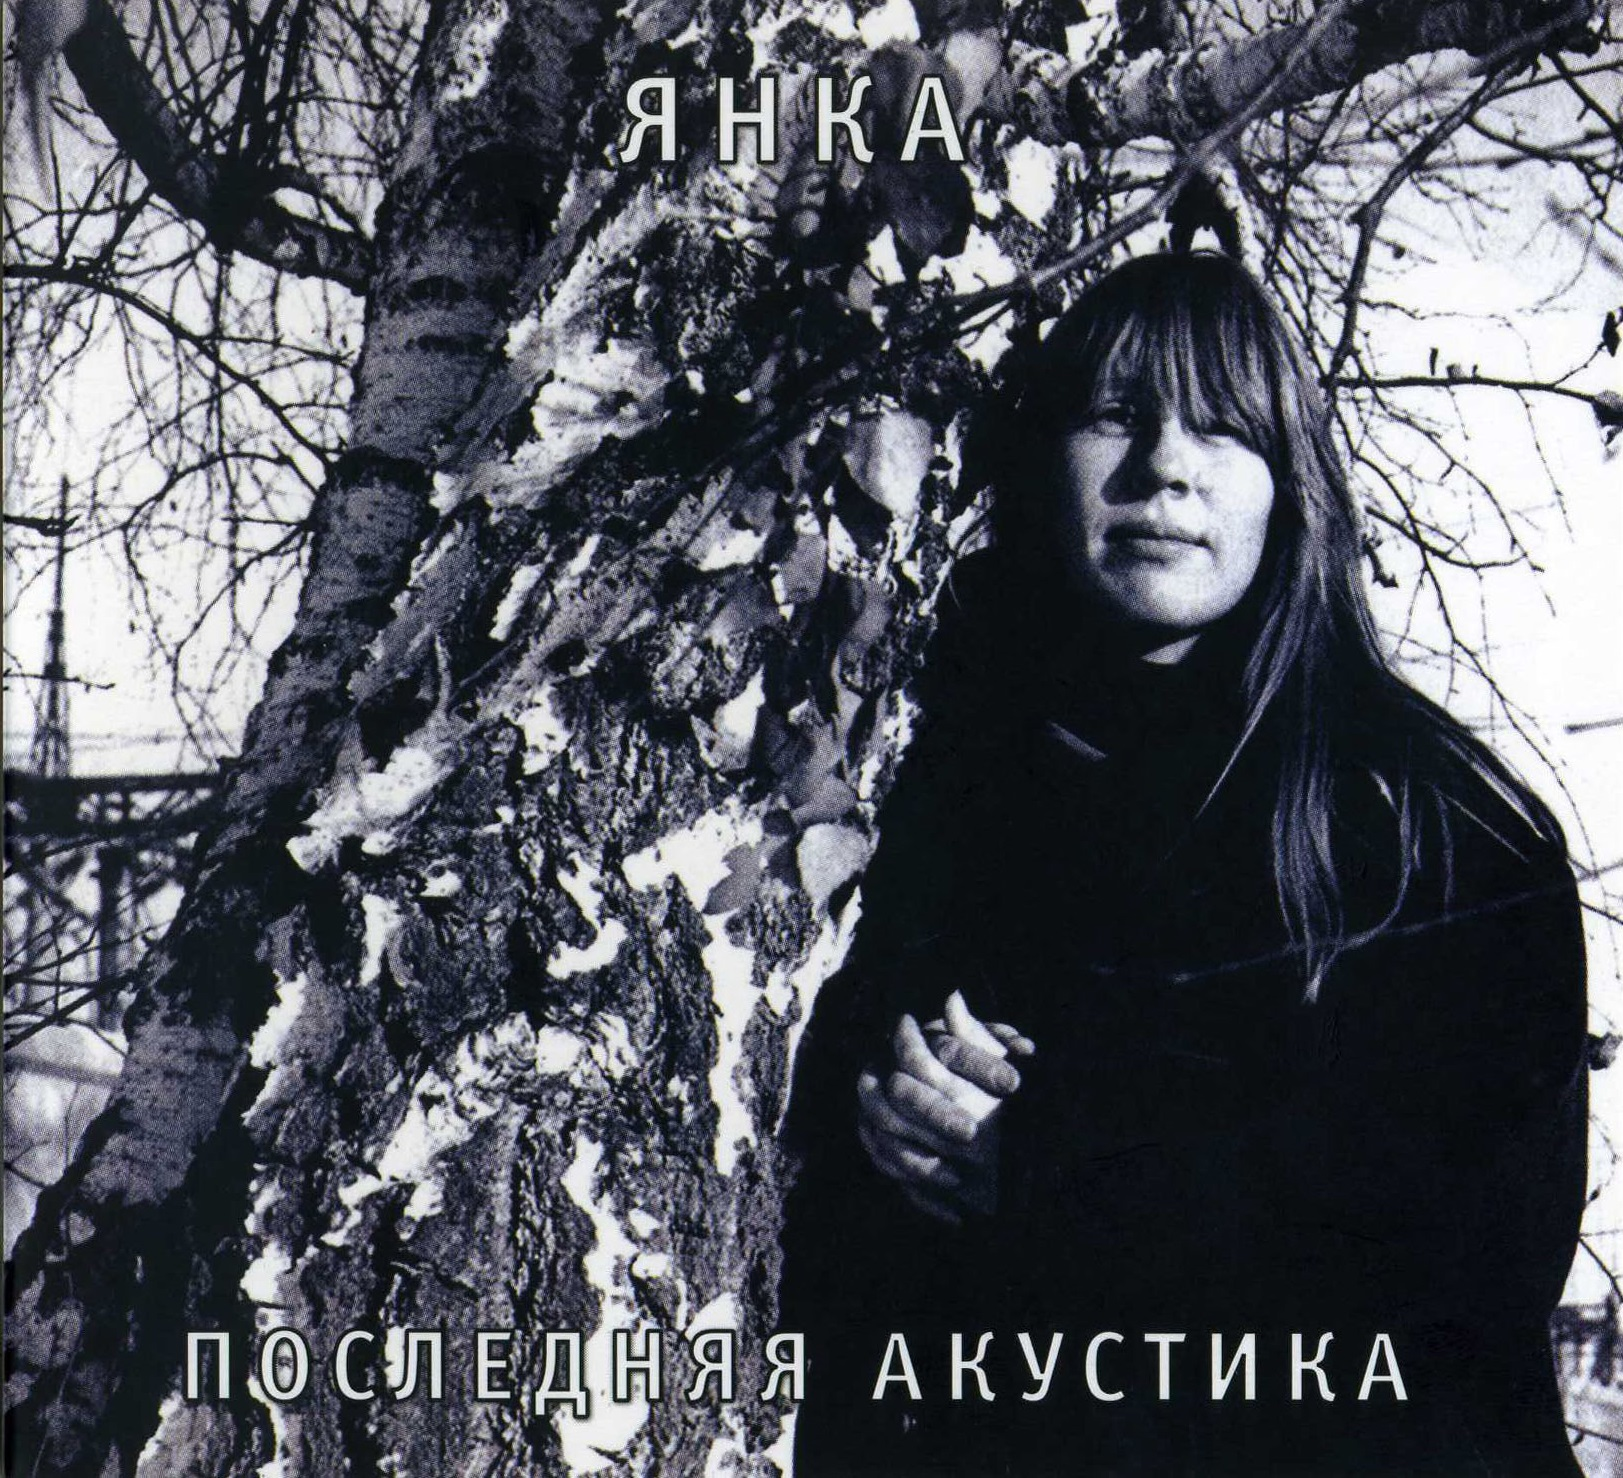 Янка — Последняя акустика (2009)